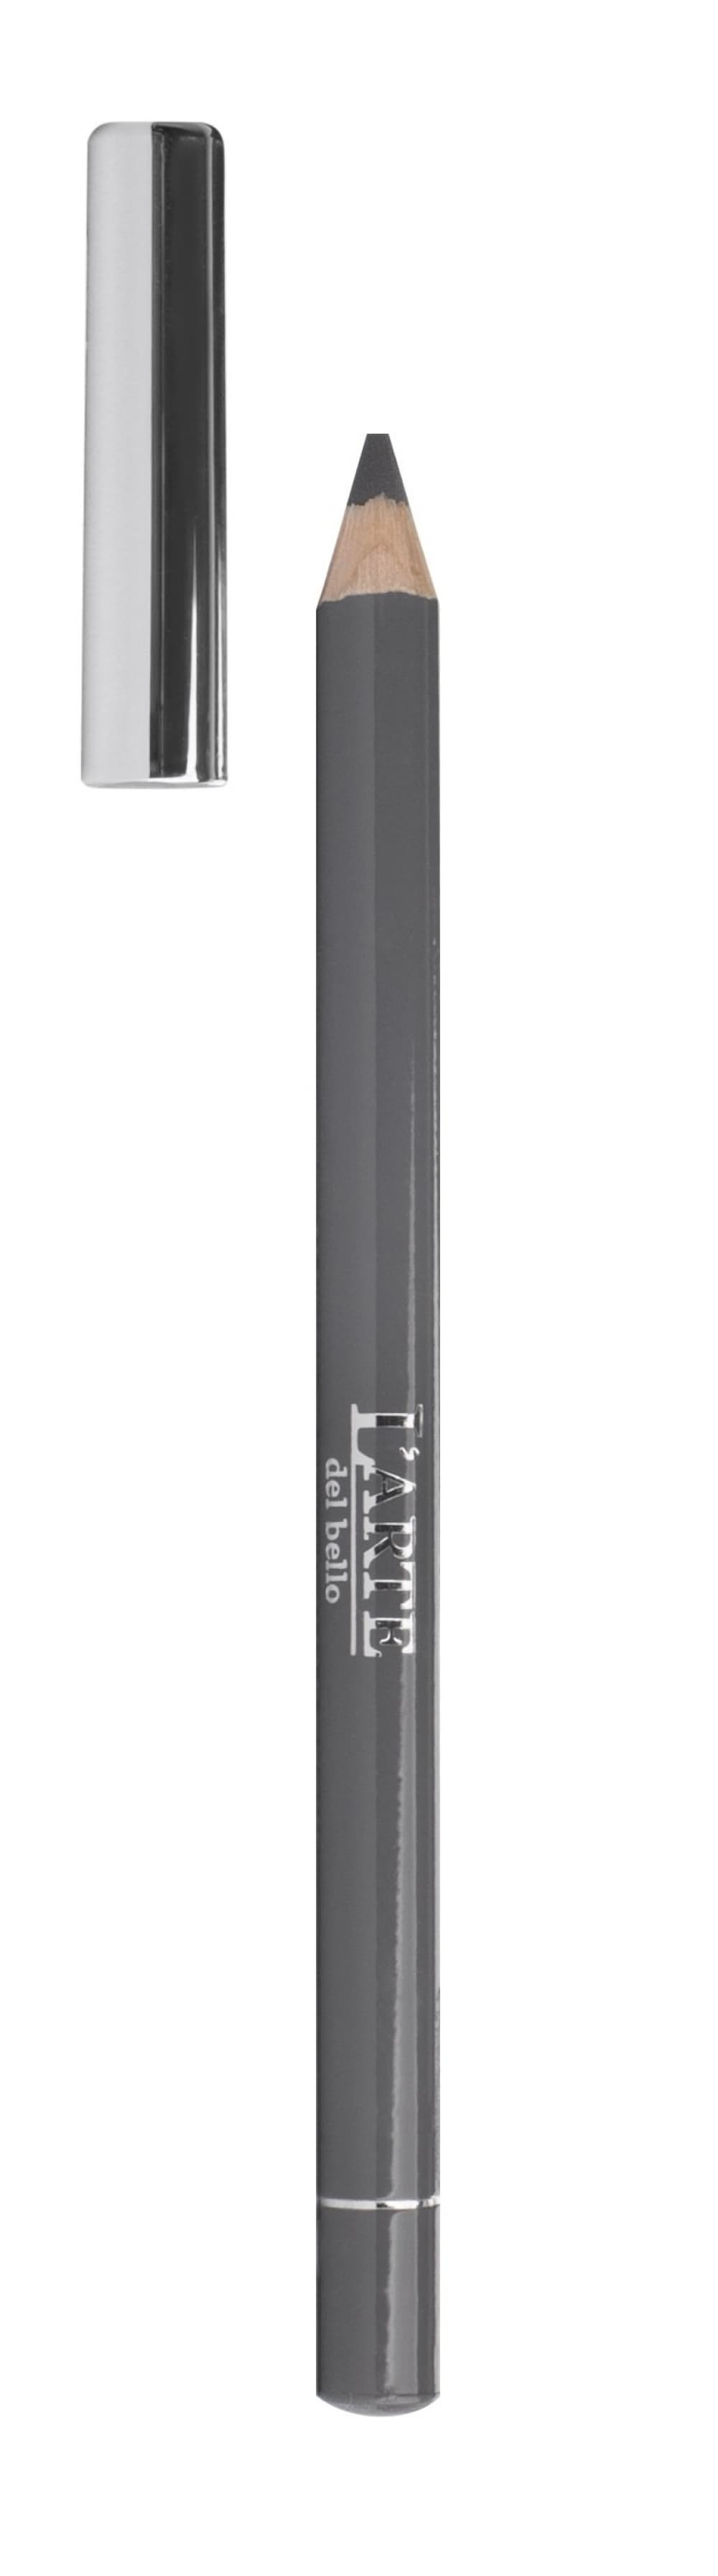 Professionale Классический Карандаш Для ГлазКарандаши<br>Классический карандаш для глаз в деревянном корпусе  Формула карандаша для глаз специально разработана  чтобы обеспечить насыщенный  стойкий цвет и содержит ингредиенты  которые не раздражают глаза и кожу  Карандаш легко затачивается  обеспечивает точное и аккуратное нанесение   Специальная формула  которая не высыхает и не растекается     ЧТО ЭТО  Высокопигментированная классический карандаш для губ     КАК РАБОТАЕТ  Превосходно подчеркивает ресничный контур  Короткими легкими движениями закрасьте пространство между ресничками - это создаст эффект пышных ресниц      ПОЧЕМУ МЫ ЭТО ЛЮБИМ  Все самые любимые и незаменимые оттенки в ежедневном макияже  высокая насыщенность пигментами и гарантированная стойкость макияжа     ИСПОЛЬЗОВАНИЕ  Классический? деревянные? карандаш для глаз идеально подходит как для прорисовки четких графичных линии?  так и для создания мягкого контура   при необходимости линия легко растушевывается  Можно наносить на внутреннюю слизистую века  Выполняя подводку верхнего века с помощью карандаша  не забываи?те о межресничном пространстве  Стараи?тесь проводить линию максимально близко к ресничному контуру<br>Type: № 3;